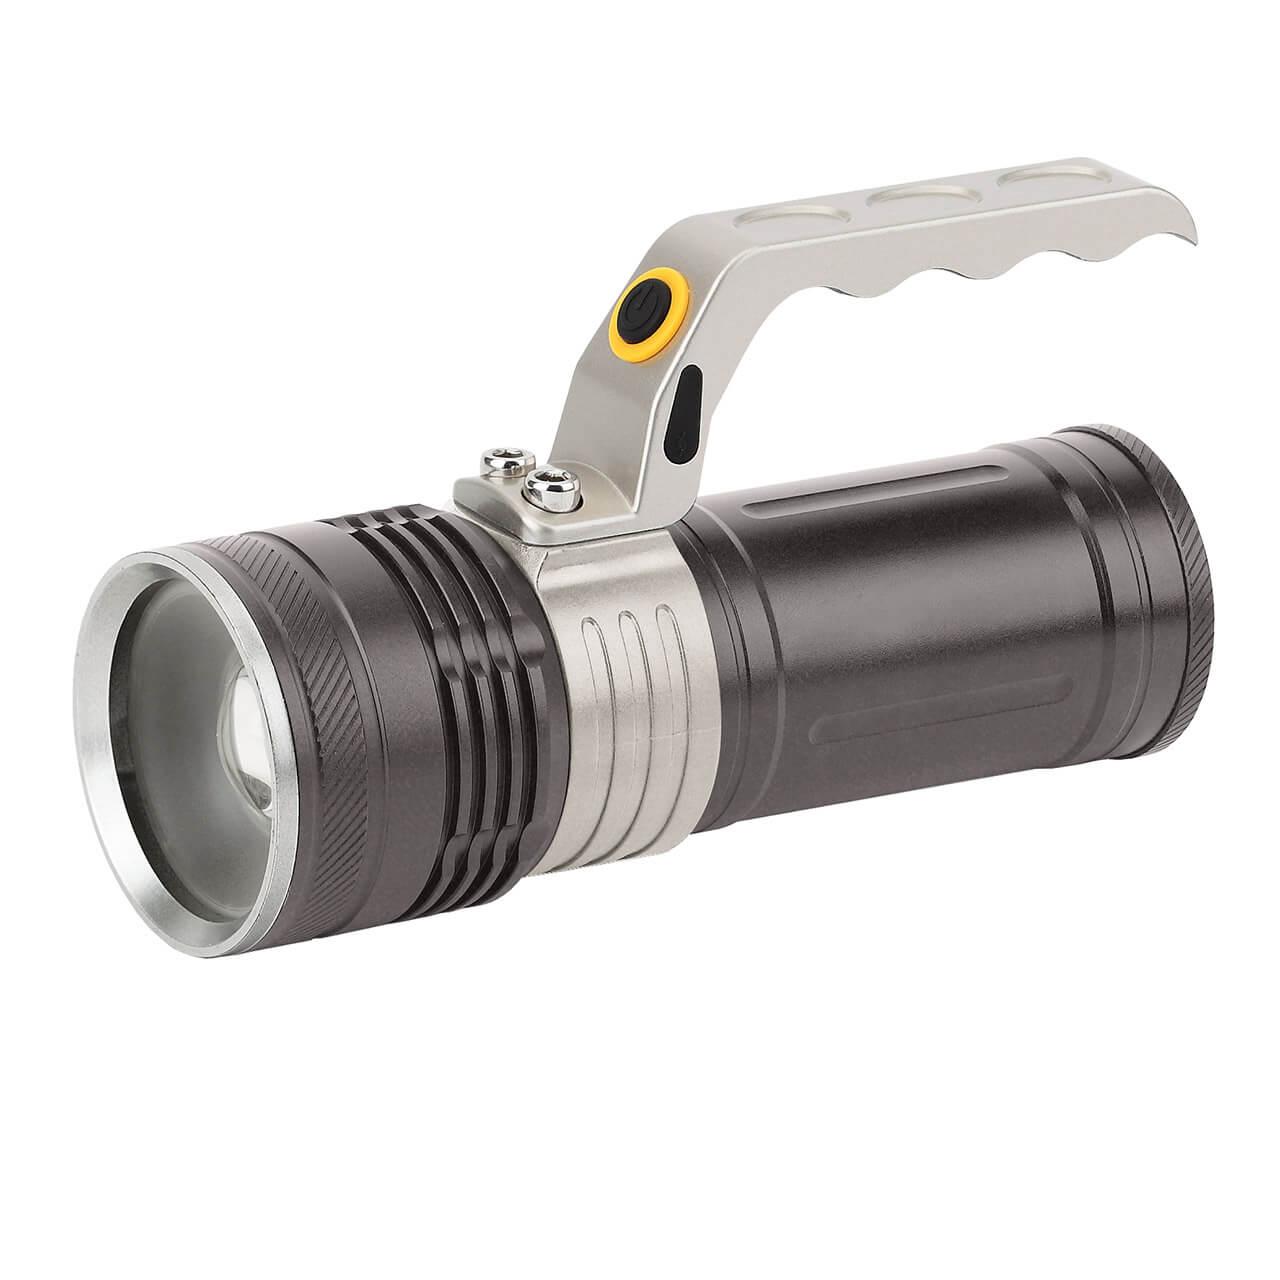 Ручной светодиодный фонарь ЭРА аккумуляторный PA-804 светодиодный алюминиевый фонарь эра sd9